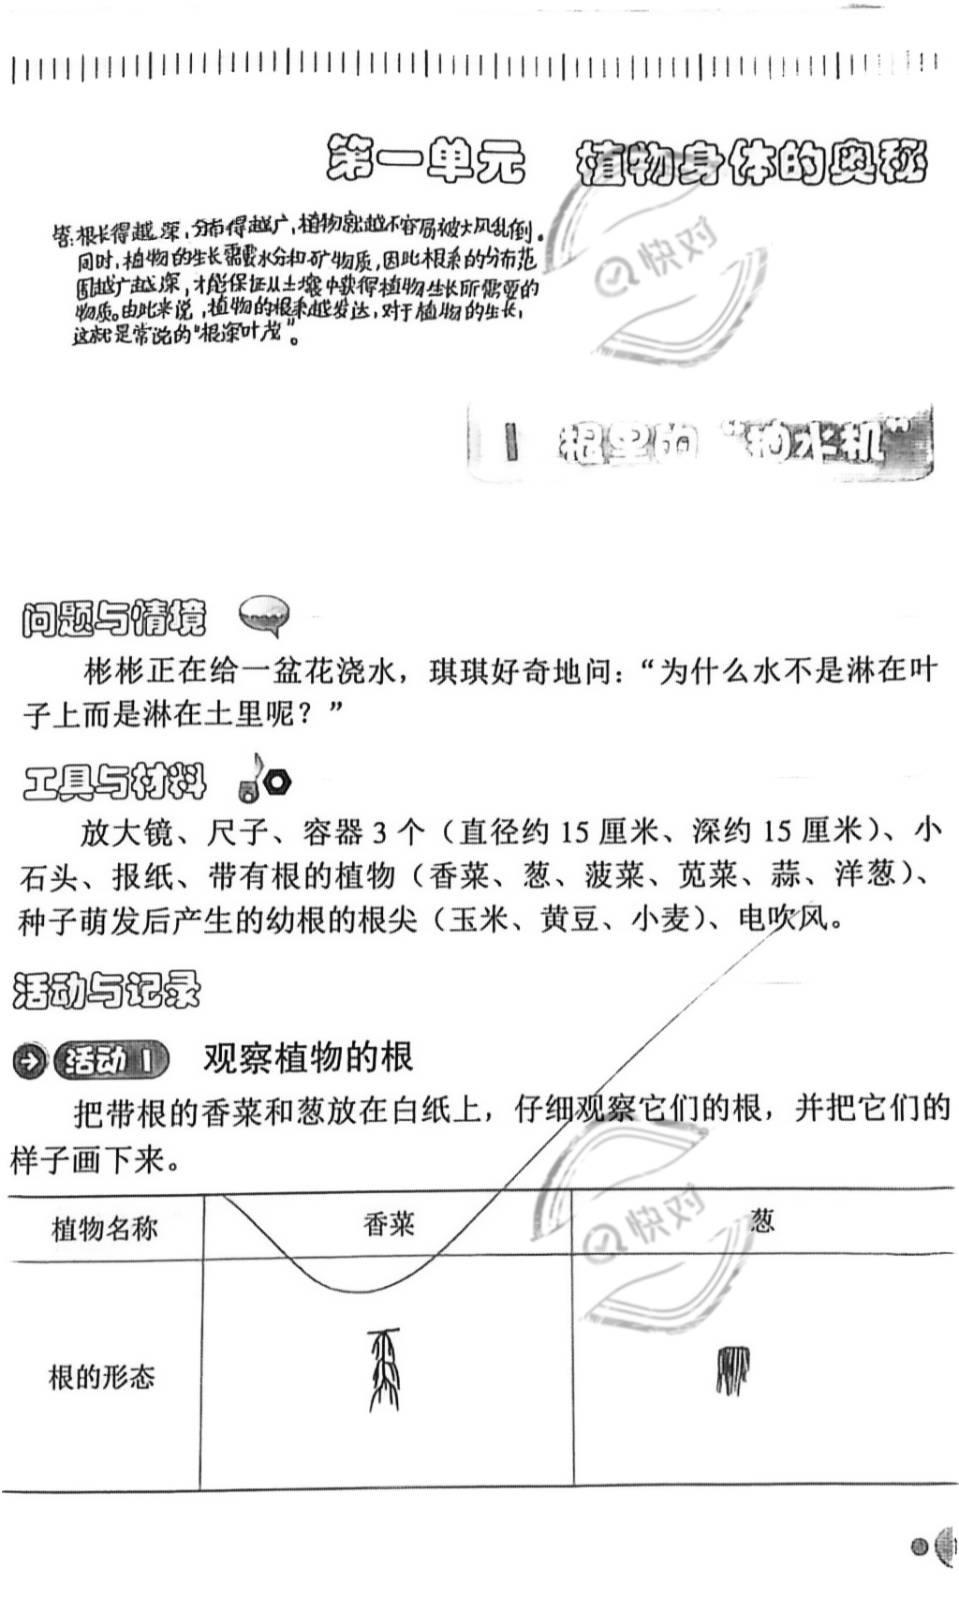 2019年同步活动册五年级科学粤教版